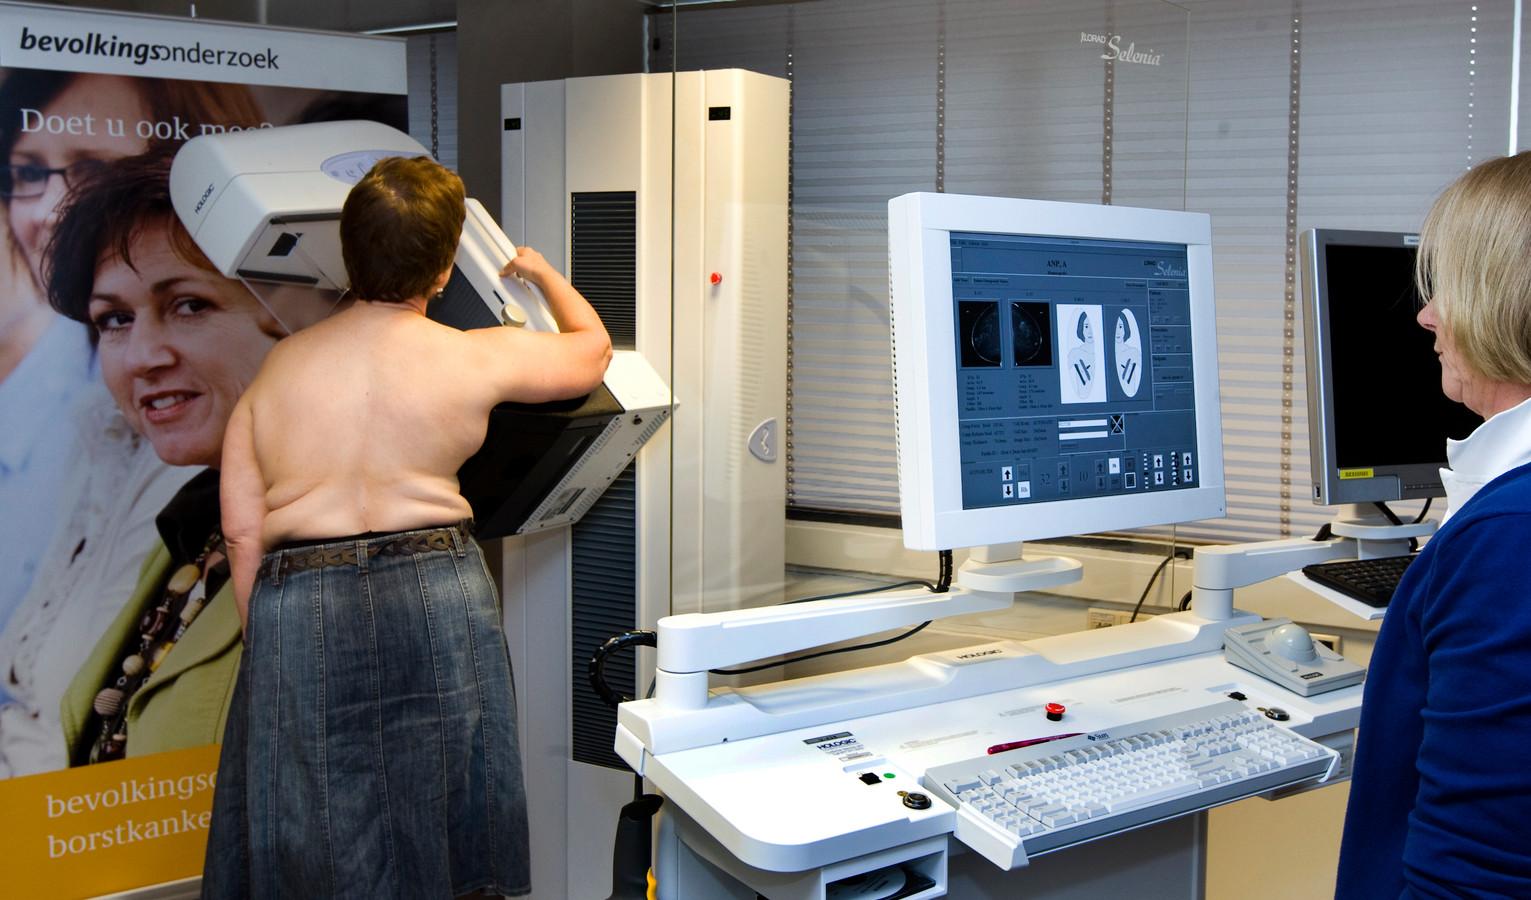 Een vrouw laat een mammografie van haar borsten maken in de onderzoeksunit van de Stichting Bevolkingsonderzoek Borstkanker in Rotterdam.